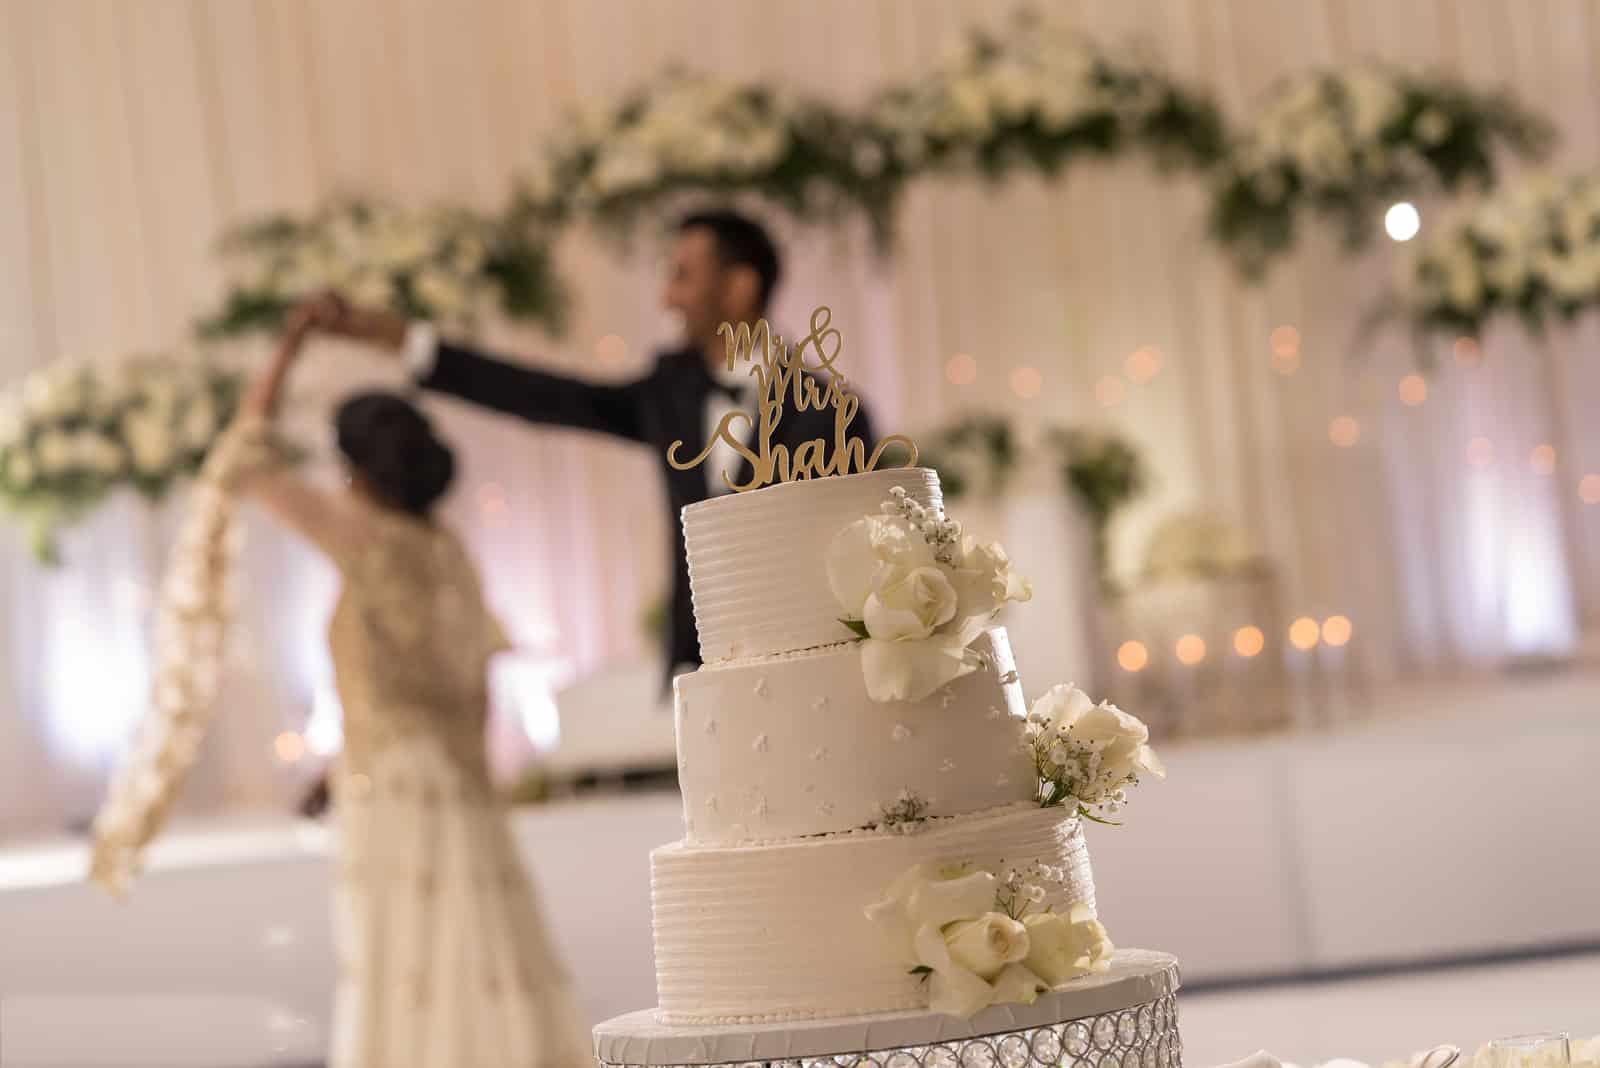 Vor einer weißen schönen Hochzeitstorte tanzen die Jungvermählten